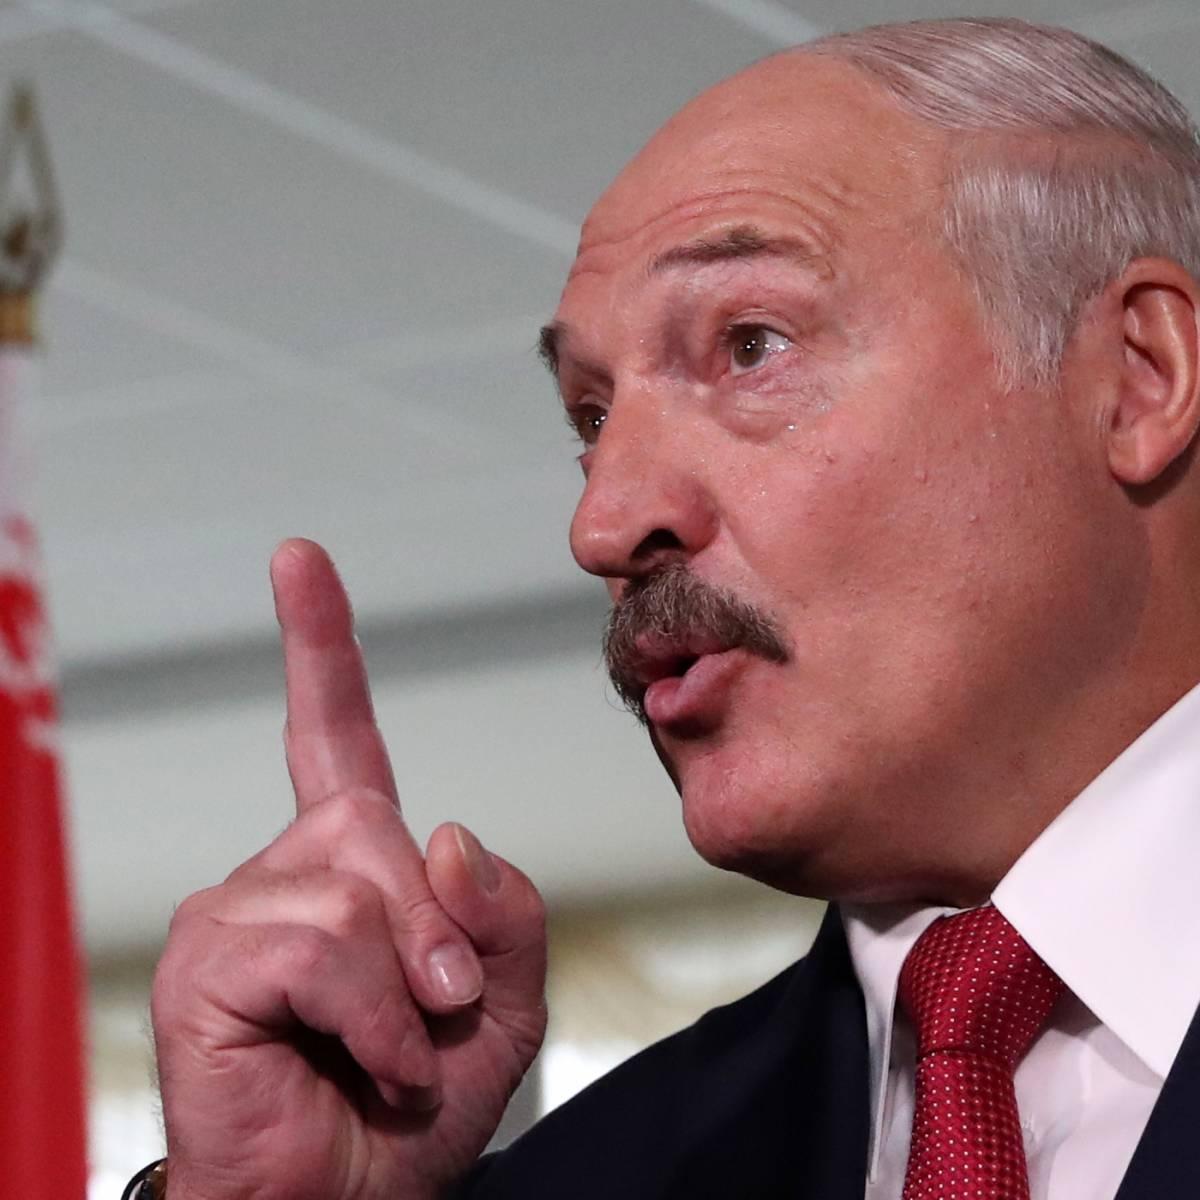 Лукашенко: Я не допущу, чтобы разного рода шайки и банды уголовников бродили по стране с засученными рукавами